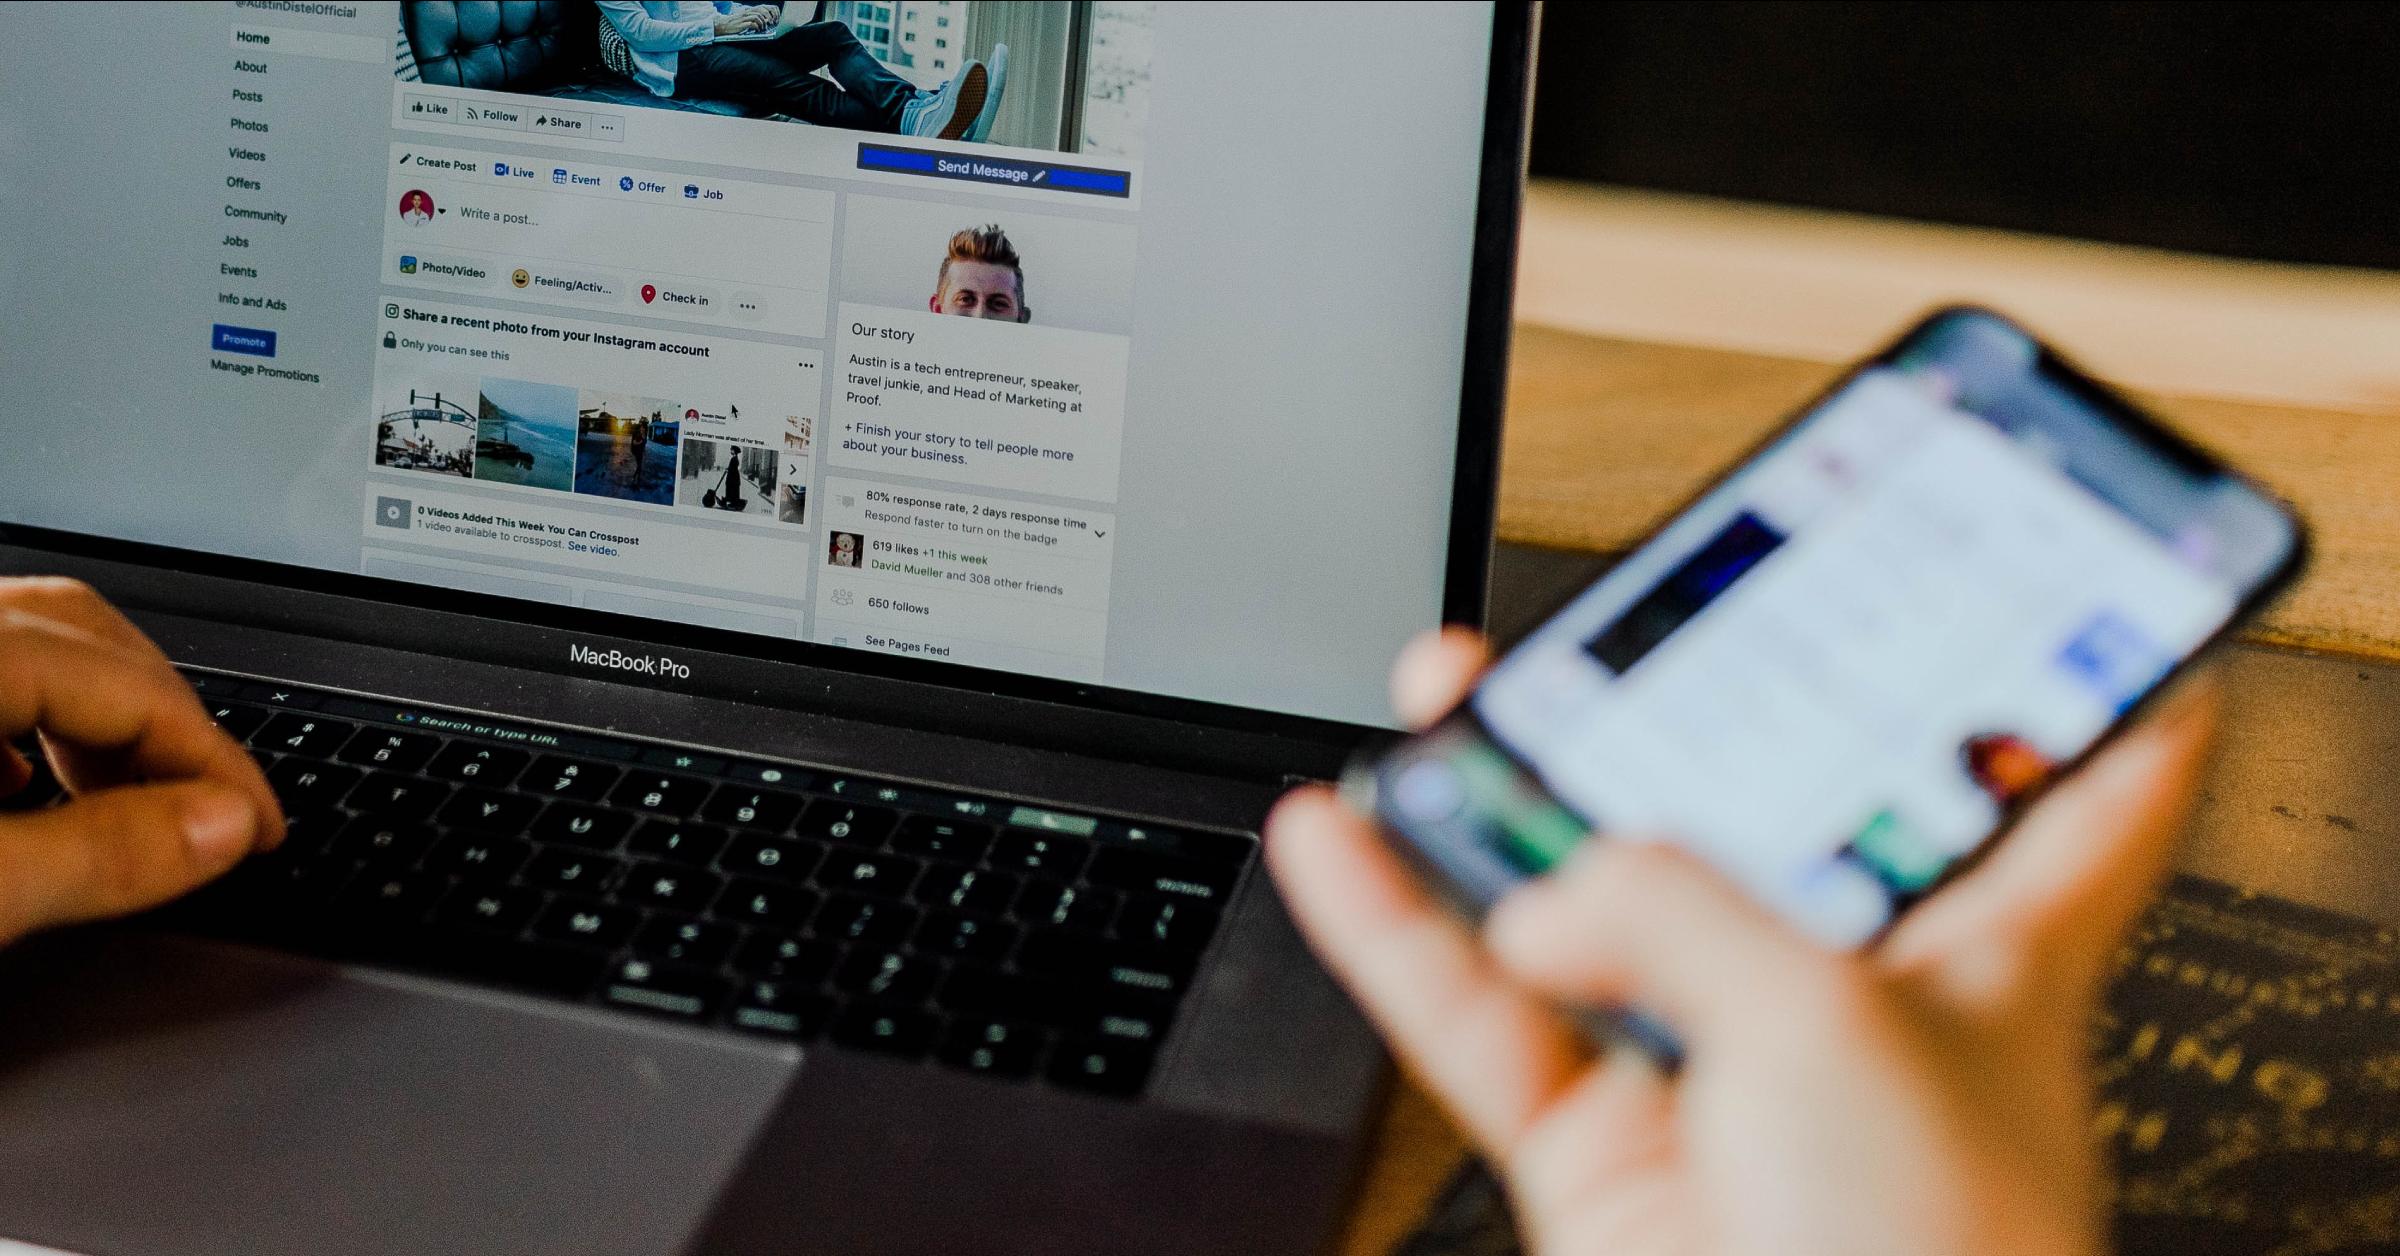 User reviews a brand's social media presence.